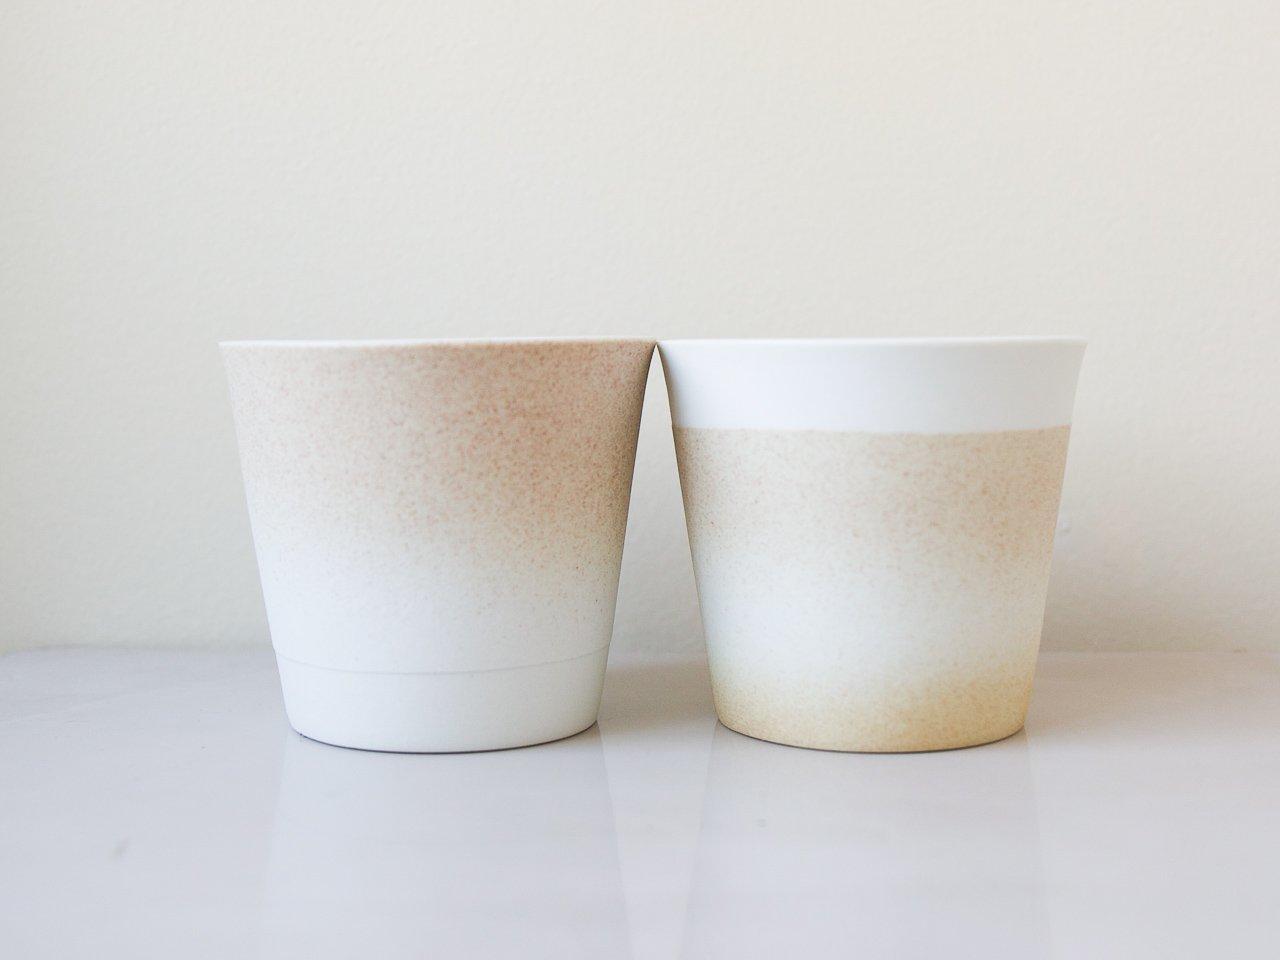 Cornwall Coffee Cups ($65 - $125)